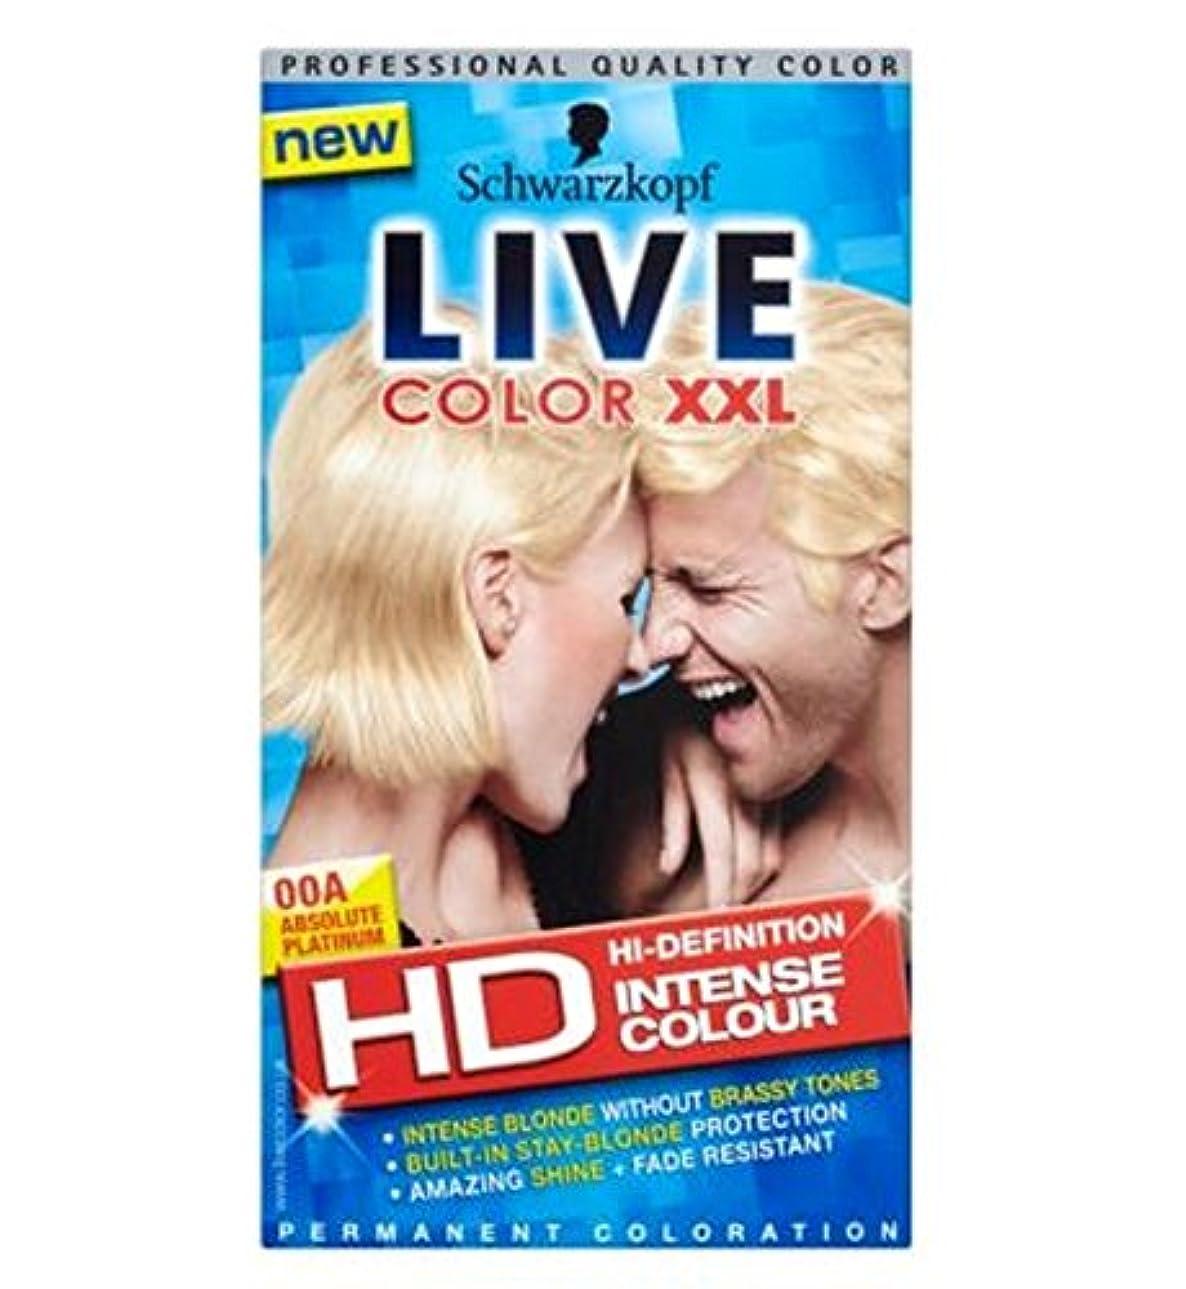 かもめ先例器用Schwarzkopf LIVE Color XXL HD 00A Absolute Platinum Permanent Blonde Hair Dye - シュワルツコフライブカラーXxlハイビジョン00A絶対プラチナ永久ブロンドの髪の染料 (Schwarzkopf) [並行輸入品]